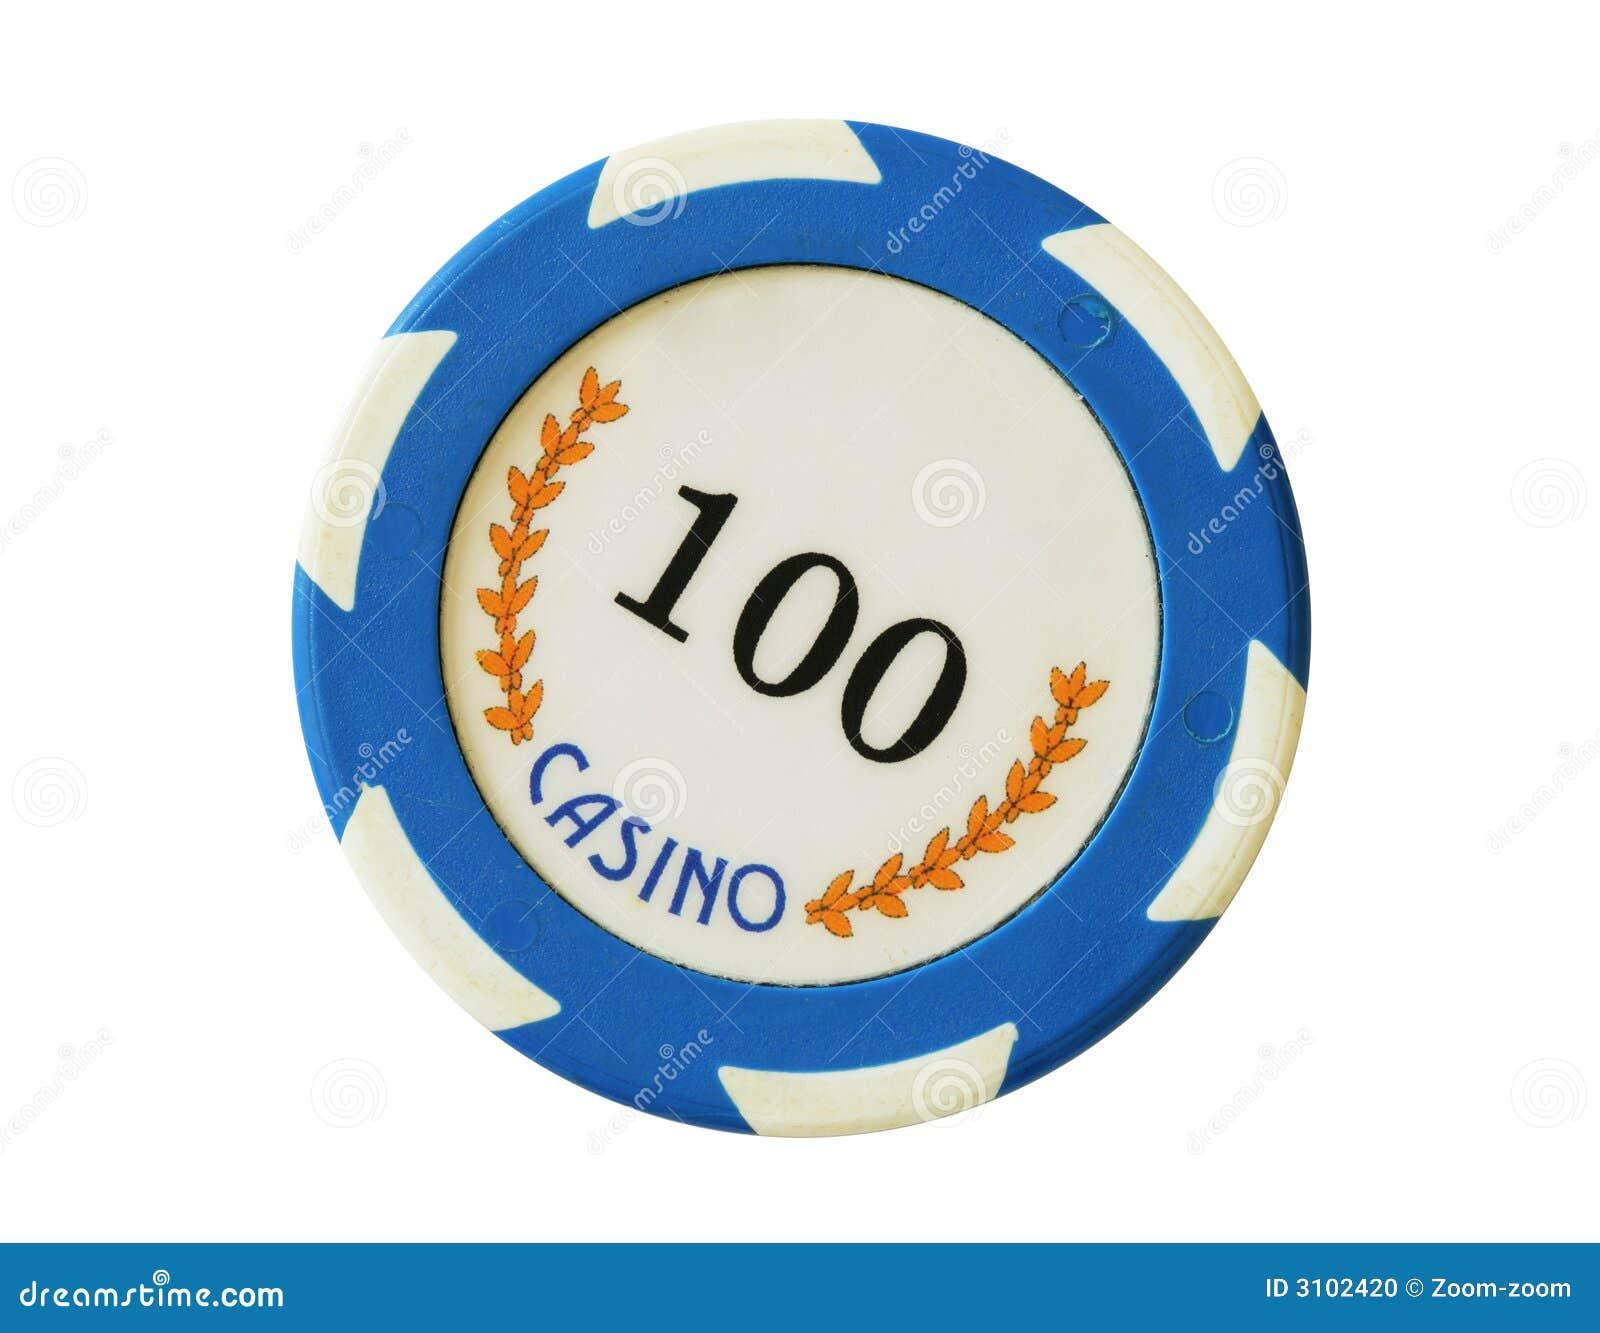 100 CASINO